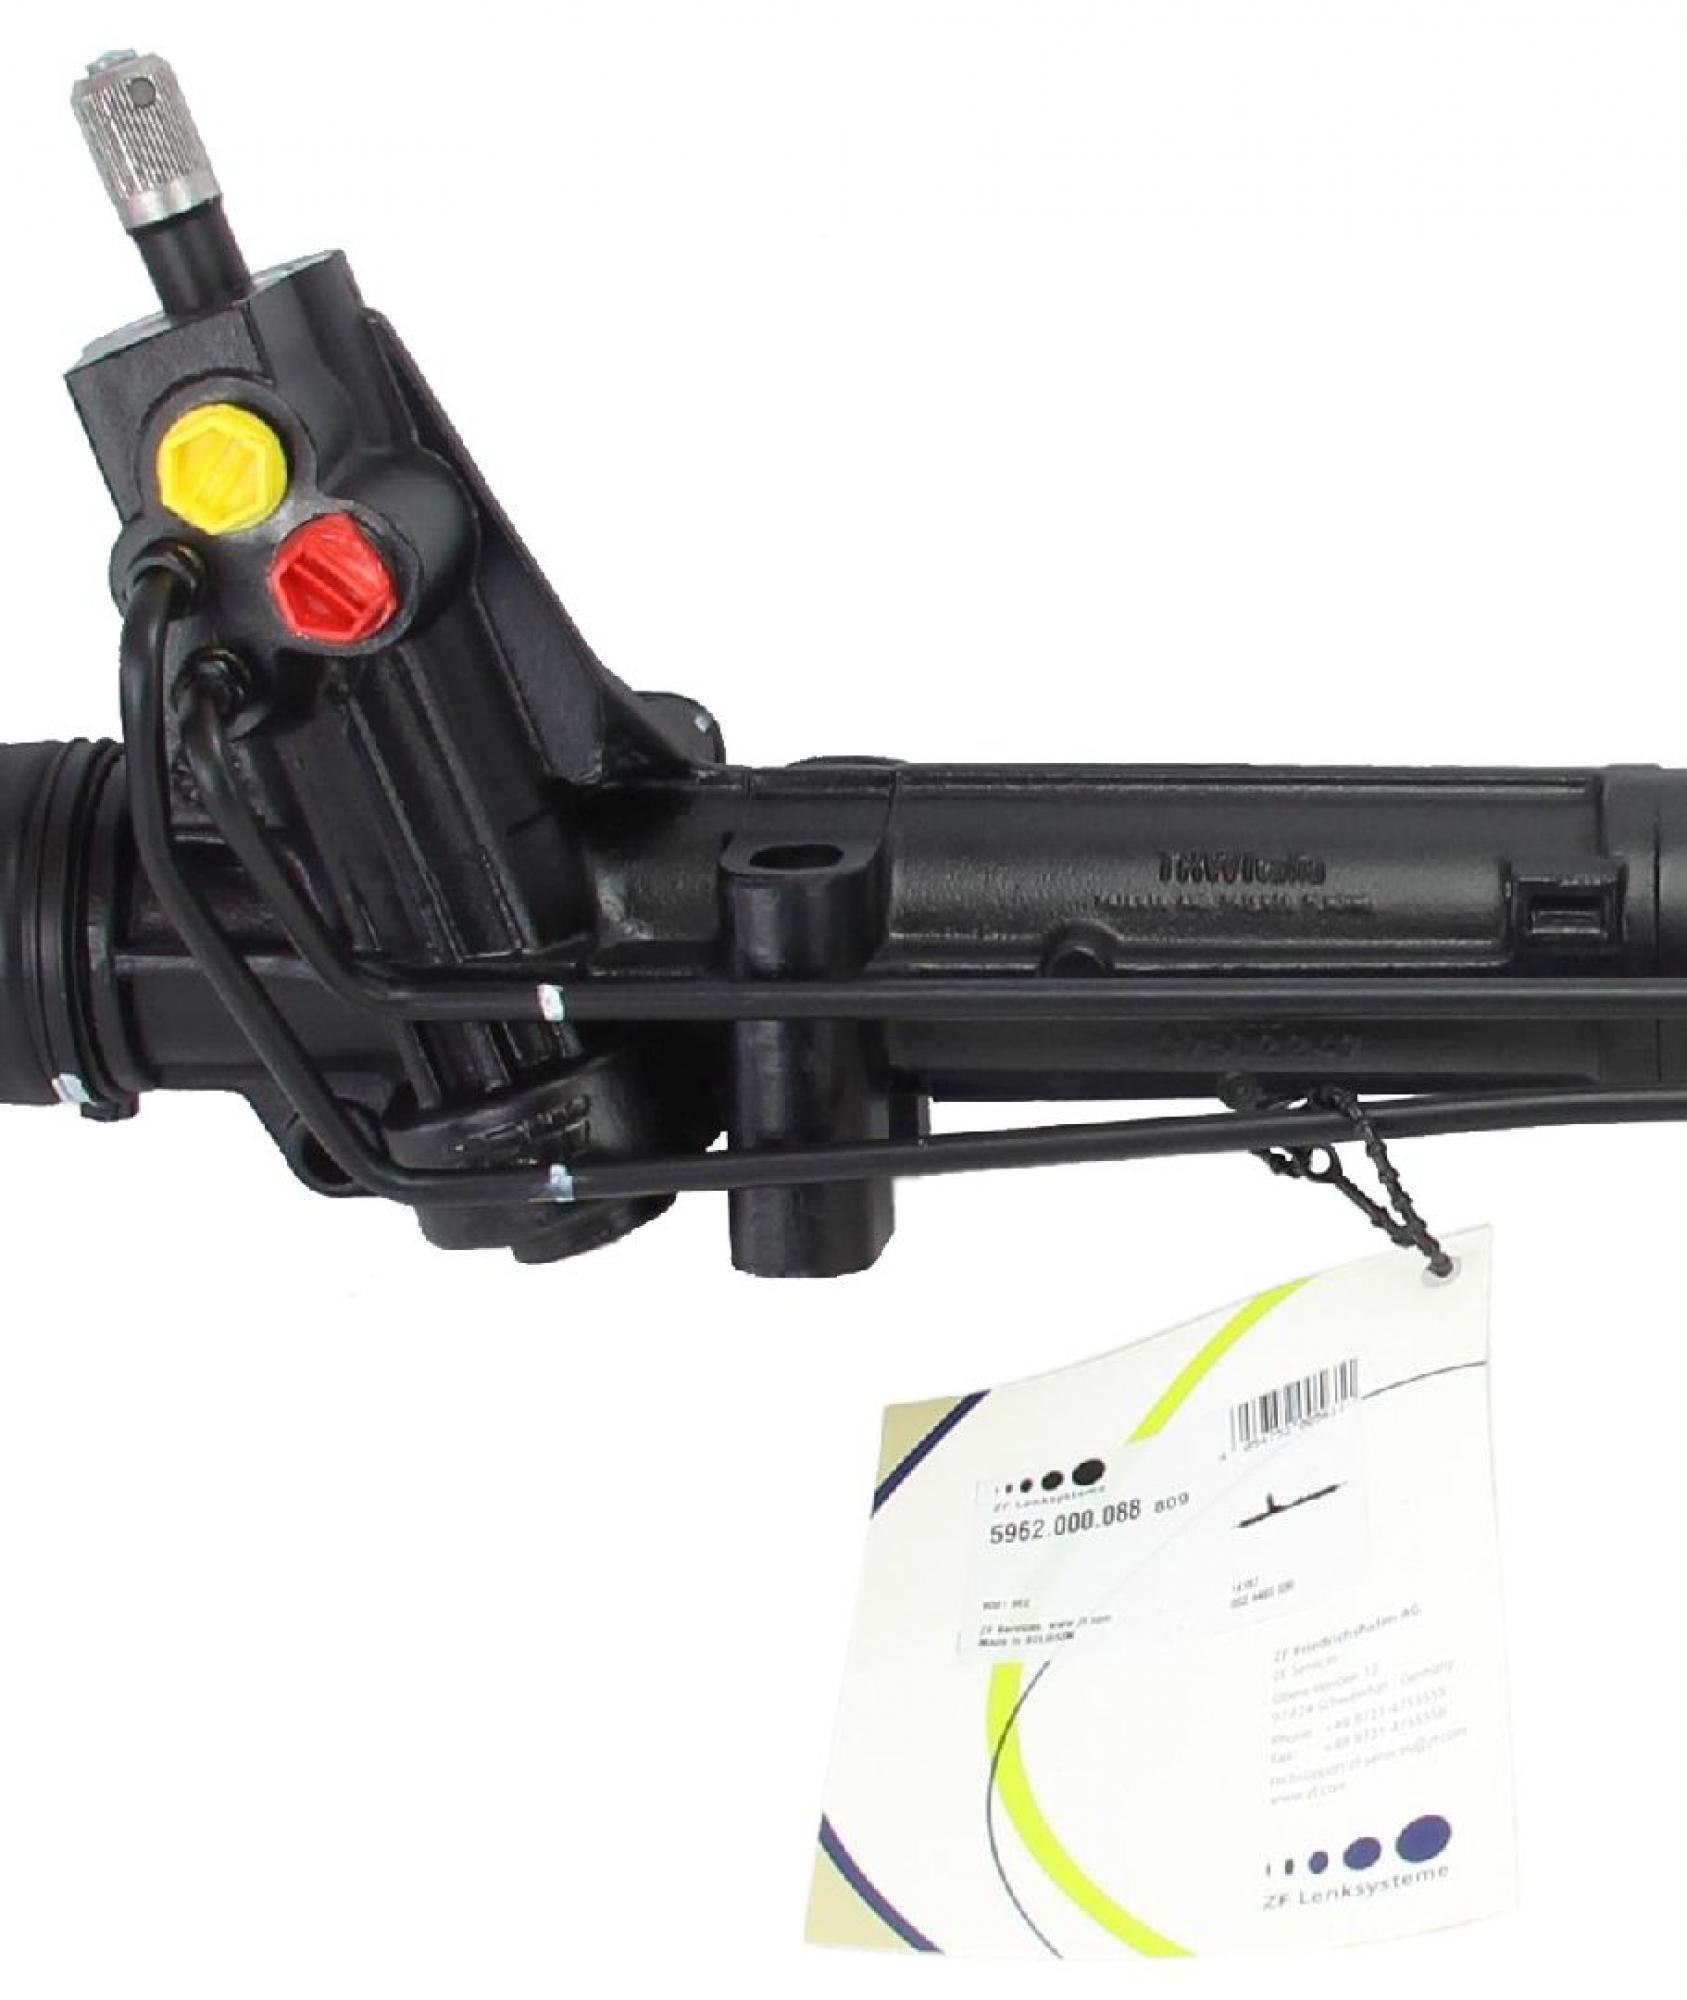 ZF 5962000088 Lenkgetriebe